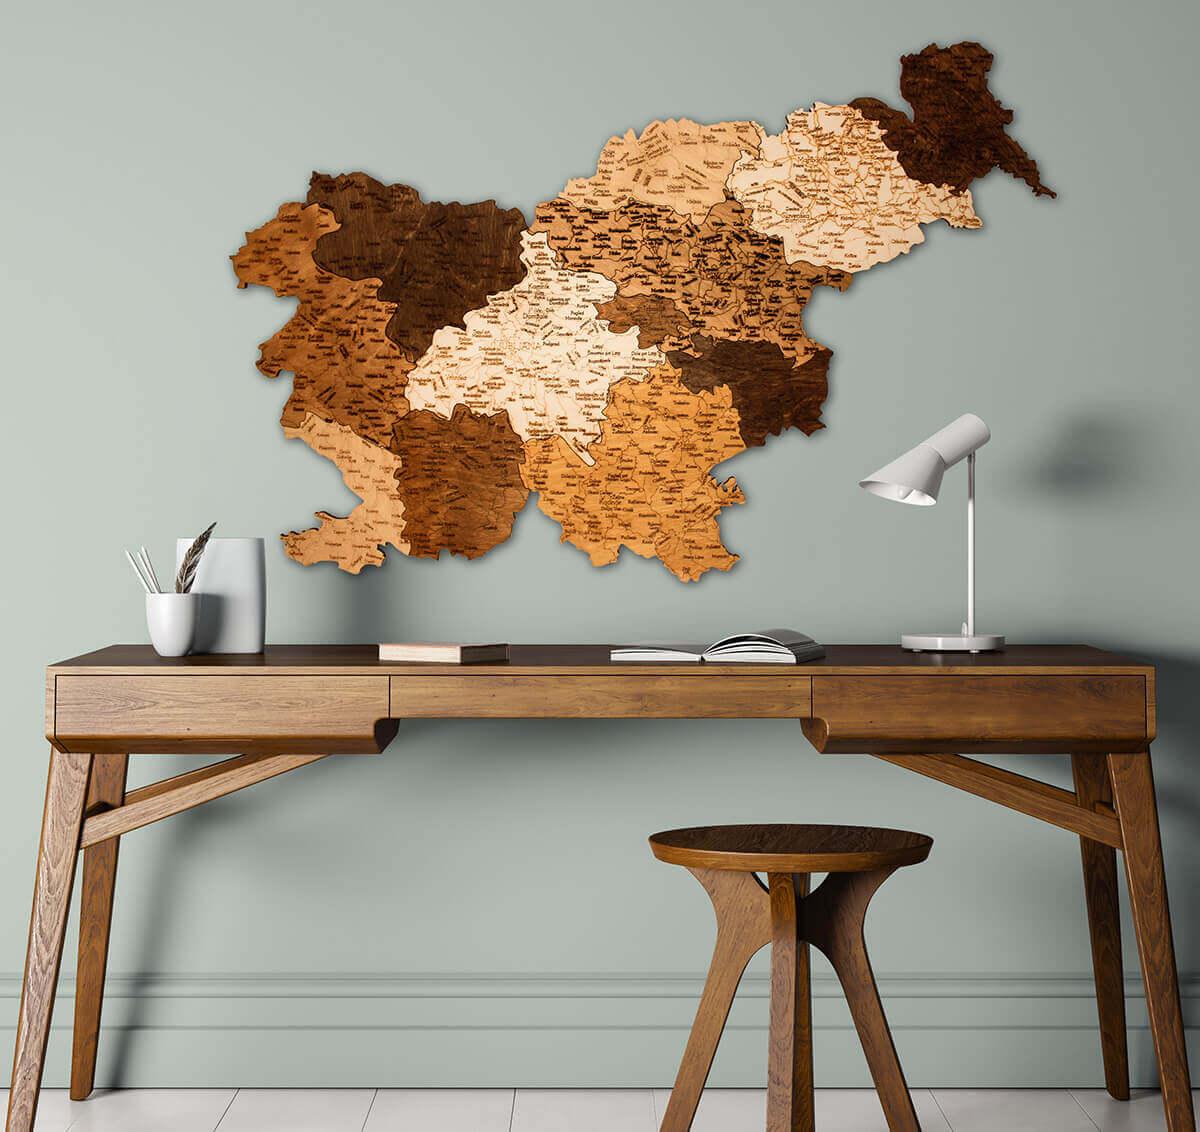 Mapa de madera de Eslovenia